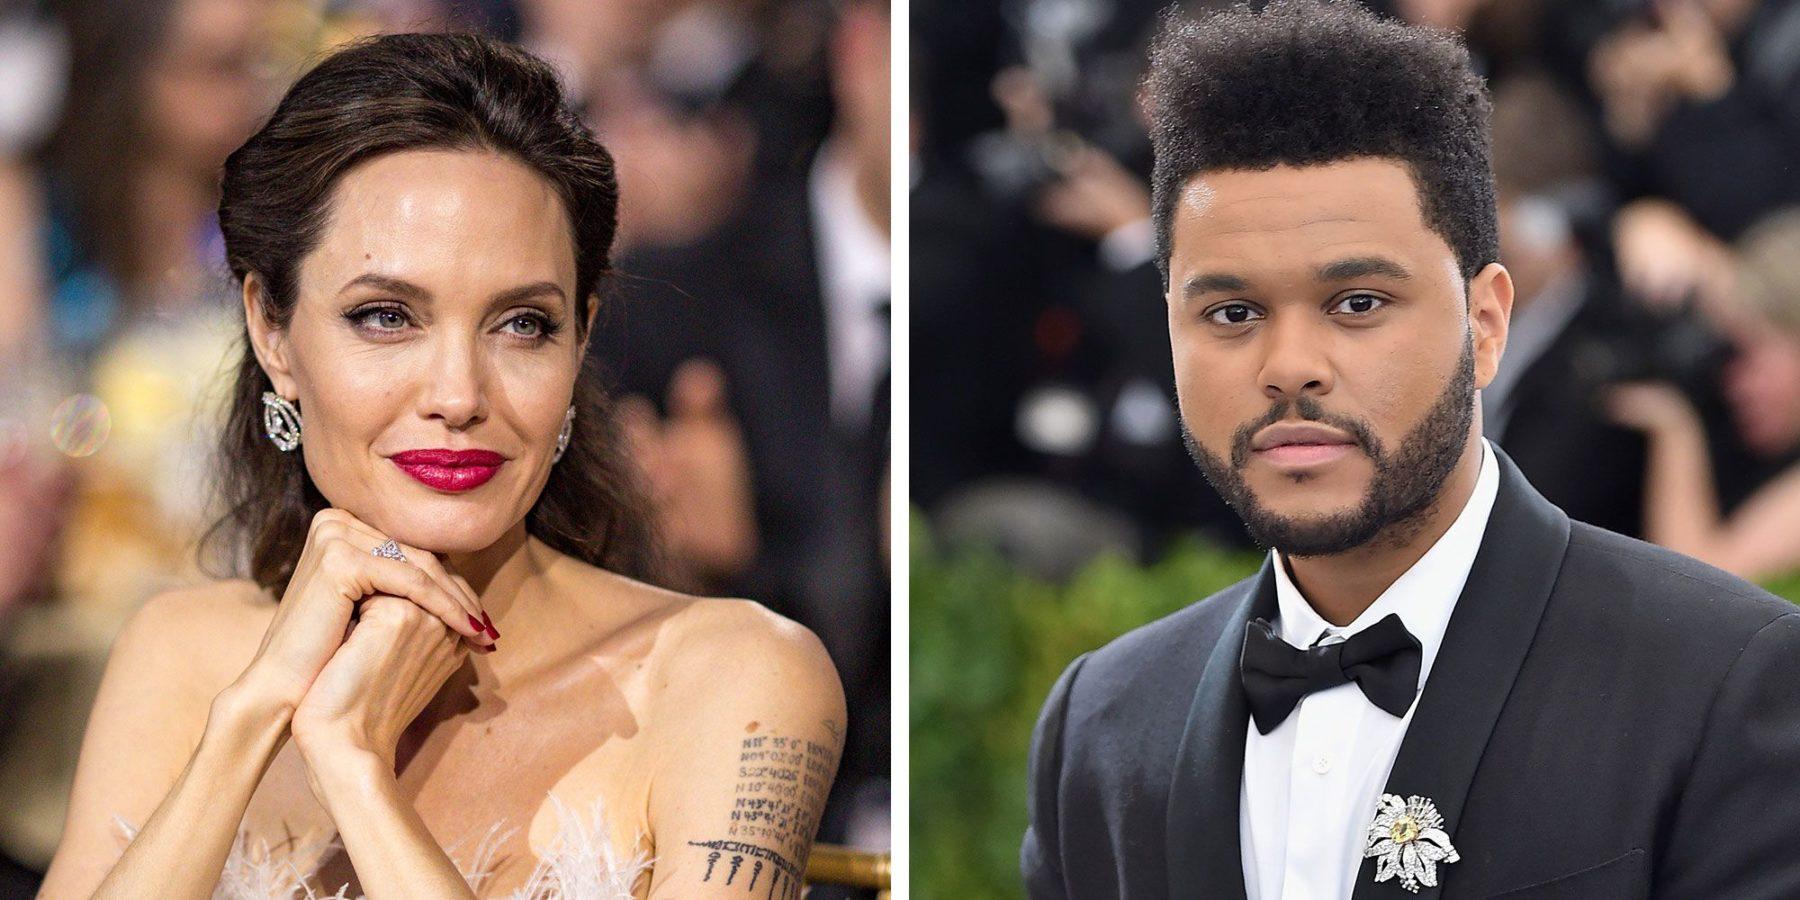 Αντζελίνα Τζολί - Τhe Weeknd: Είναι το νέο ζευγάρι του Χόλιγουντ;